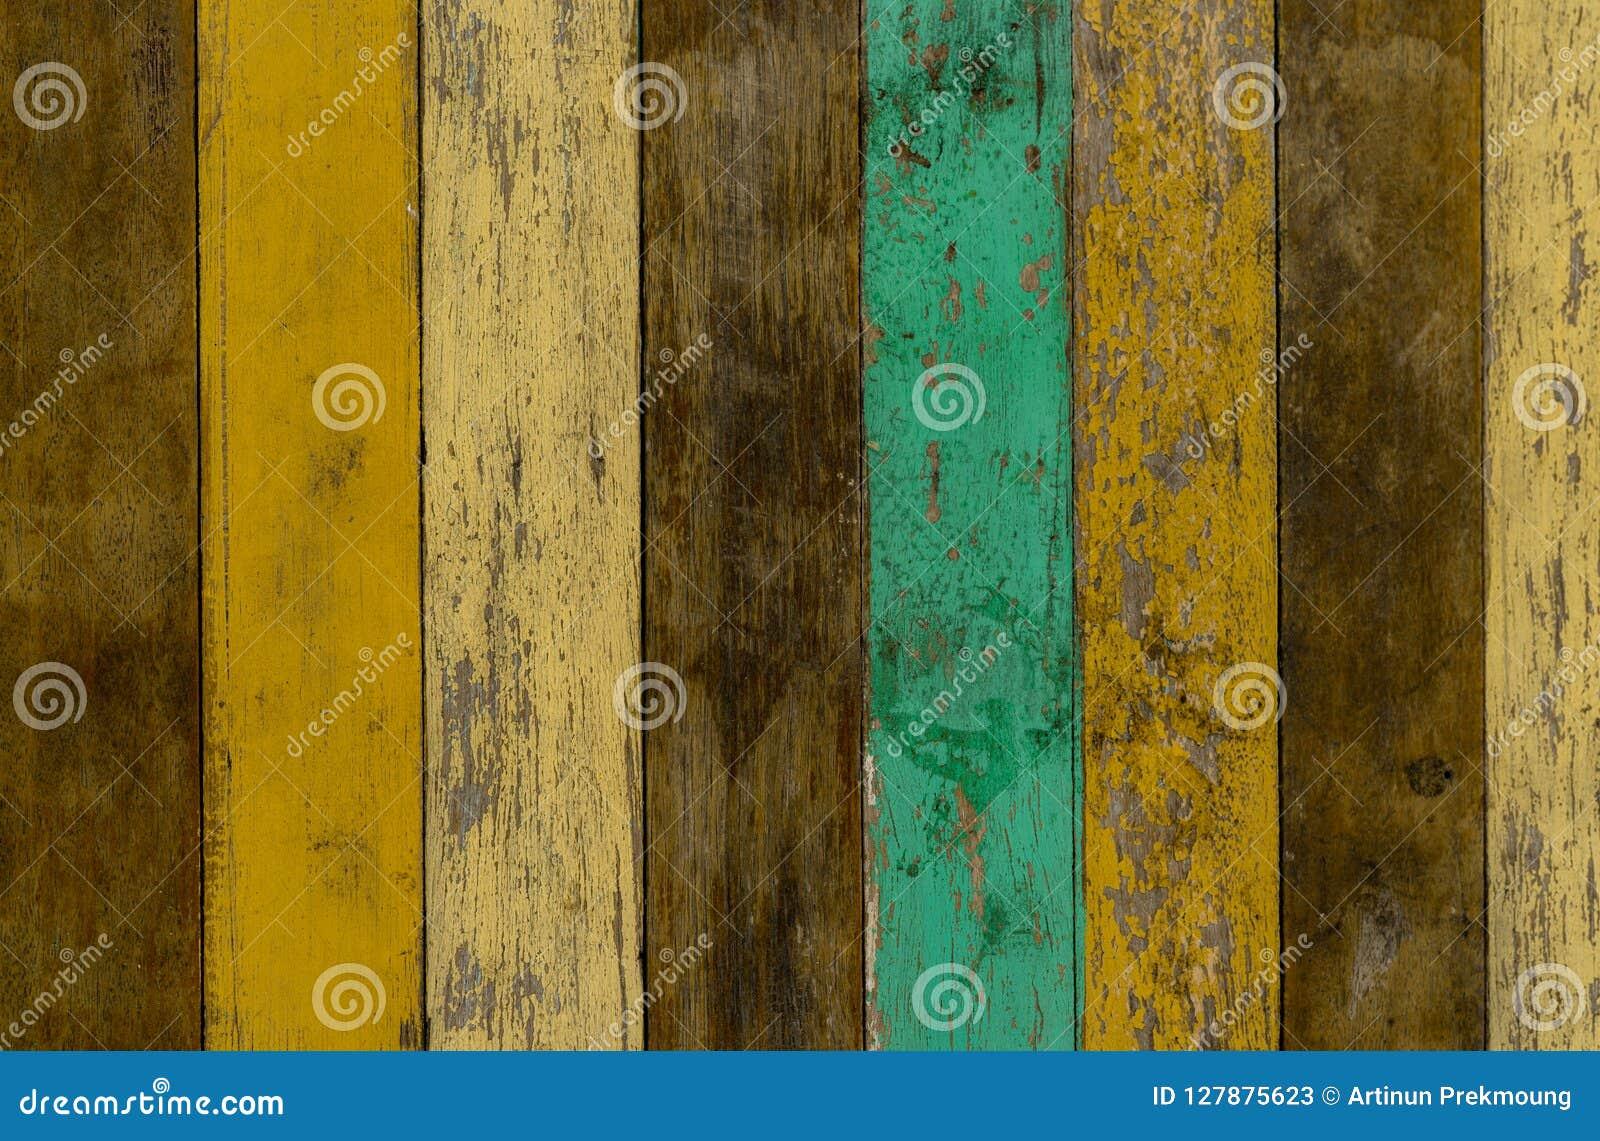 Κίτρινο, πράσινο, και καφετί ξύλινο υπόβαθρο σύστασης τοίχων Παλαιό ξύλινο πάτωμα με το ραγισμένο χρώμα χρώματος Εκλεκτής ποιότητ